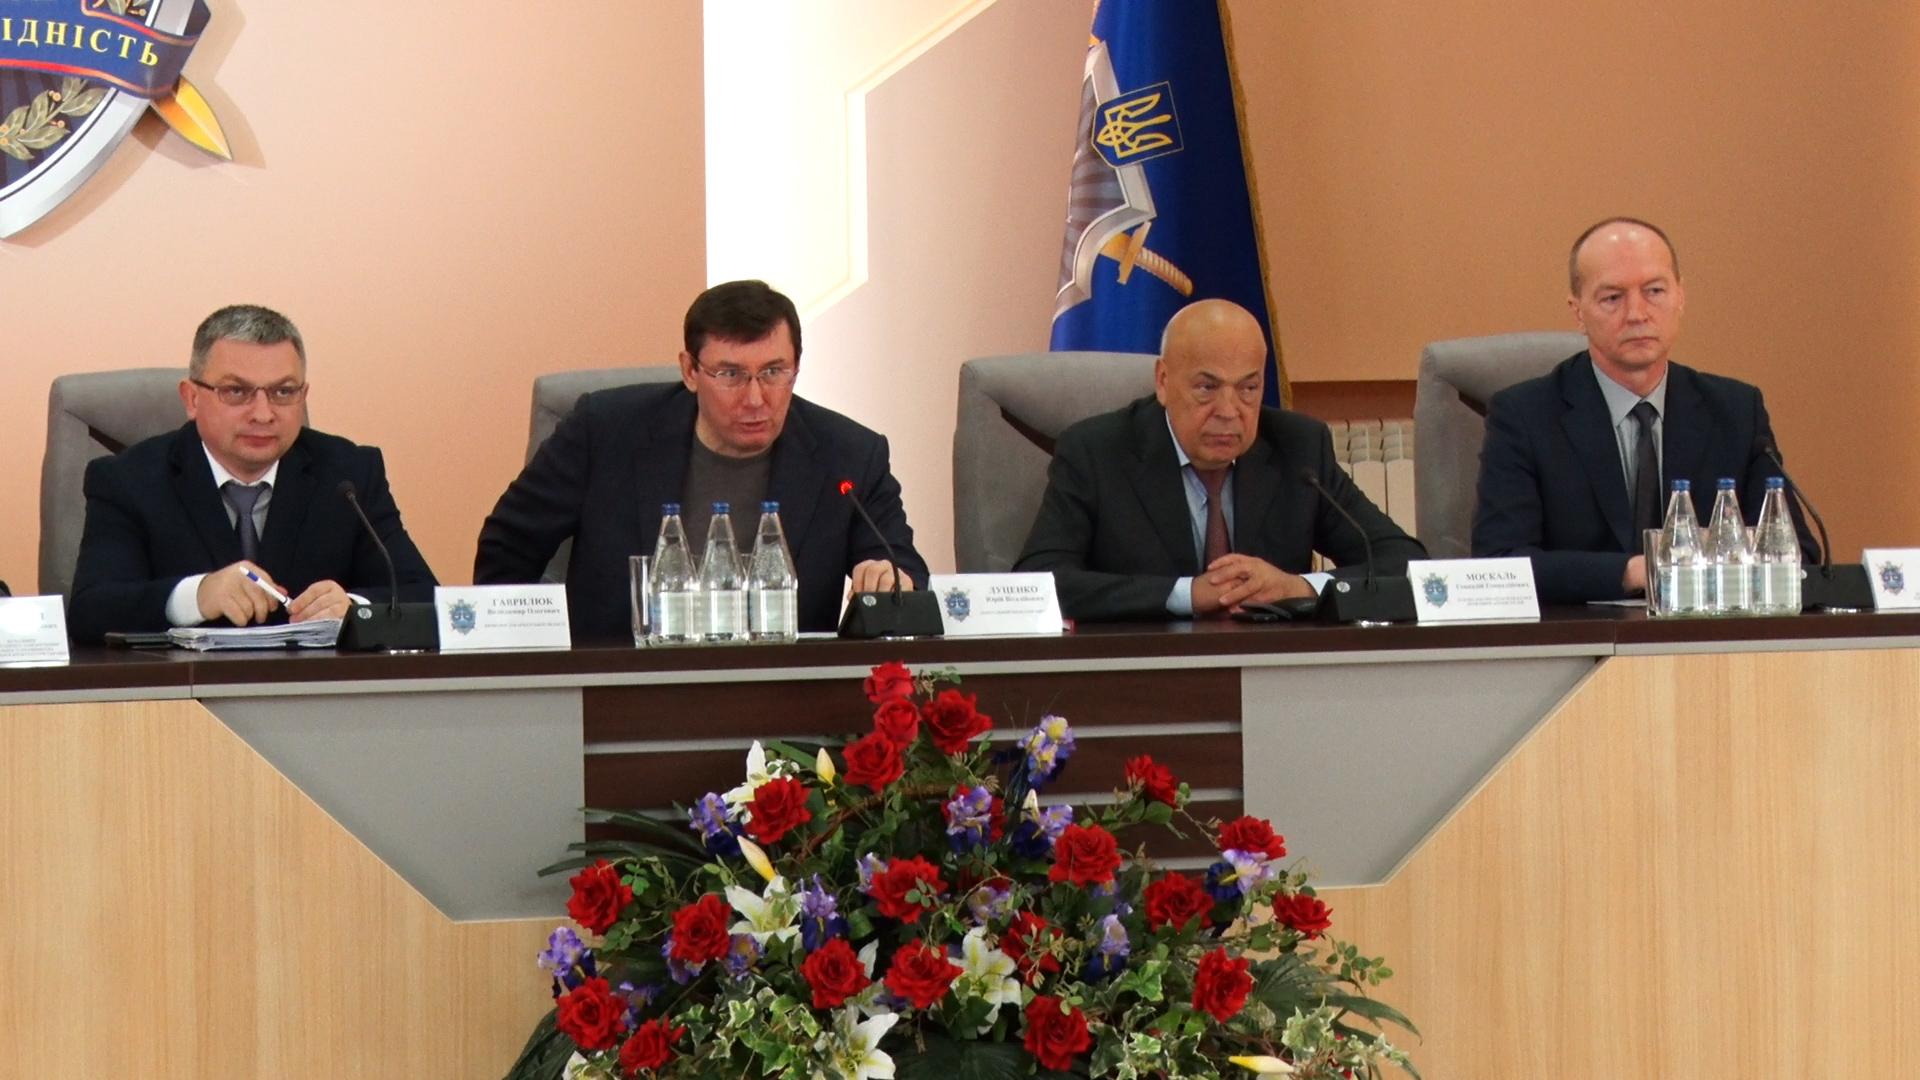 Візит генпрокурора Луценка до Ужгорода закінчився викриттям криміналу у Тячеві (ВІДЕО)